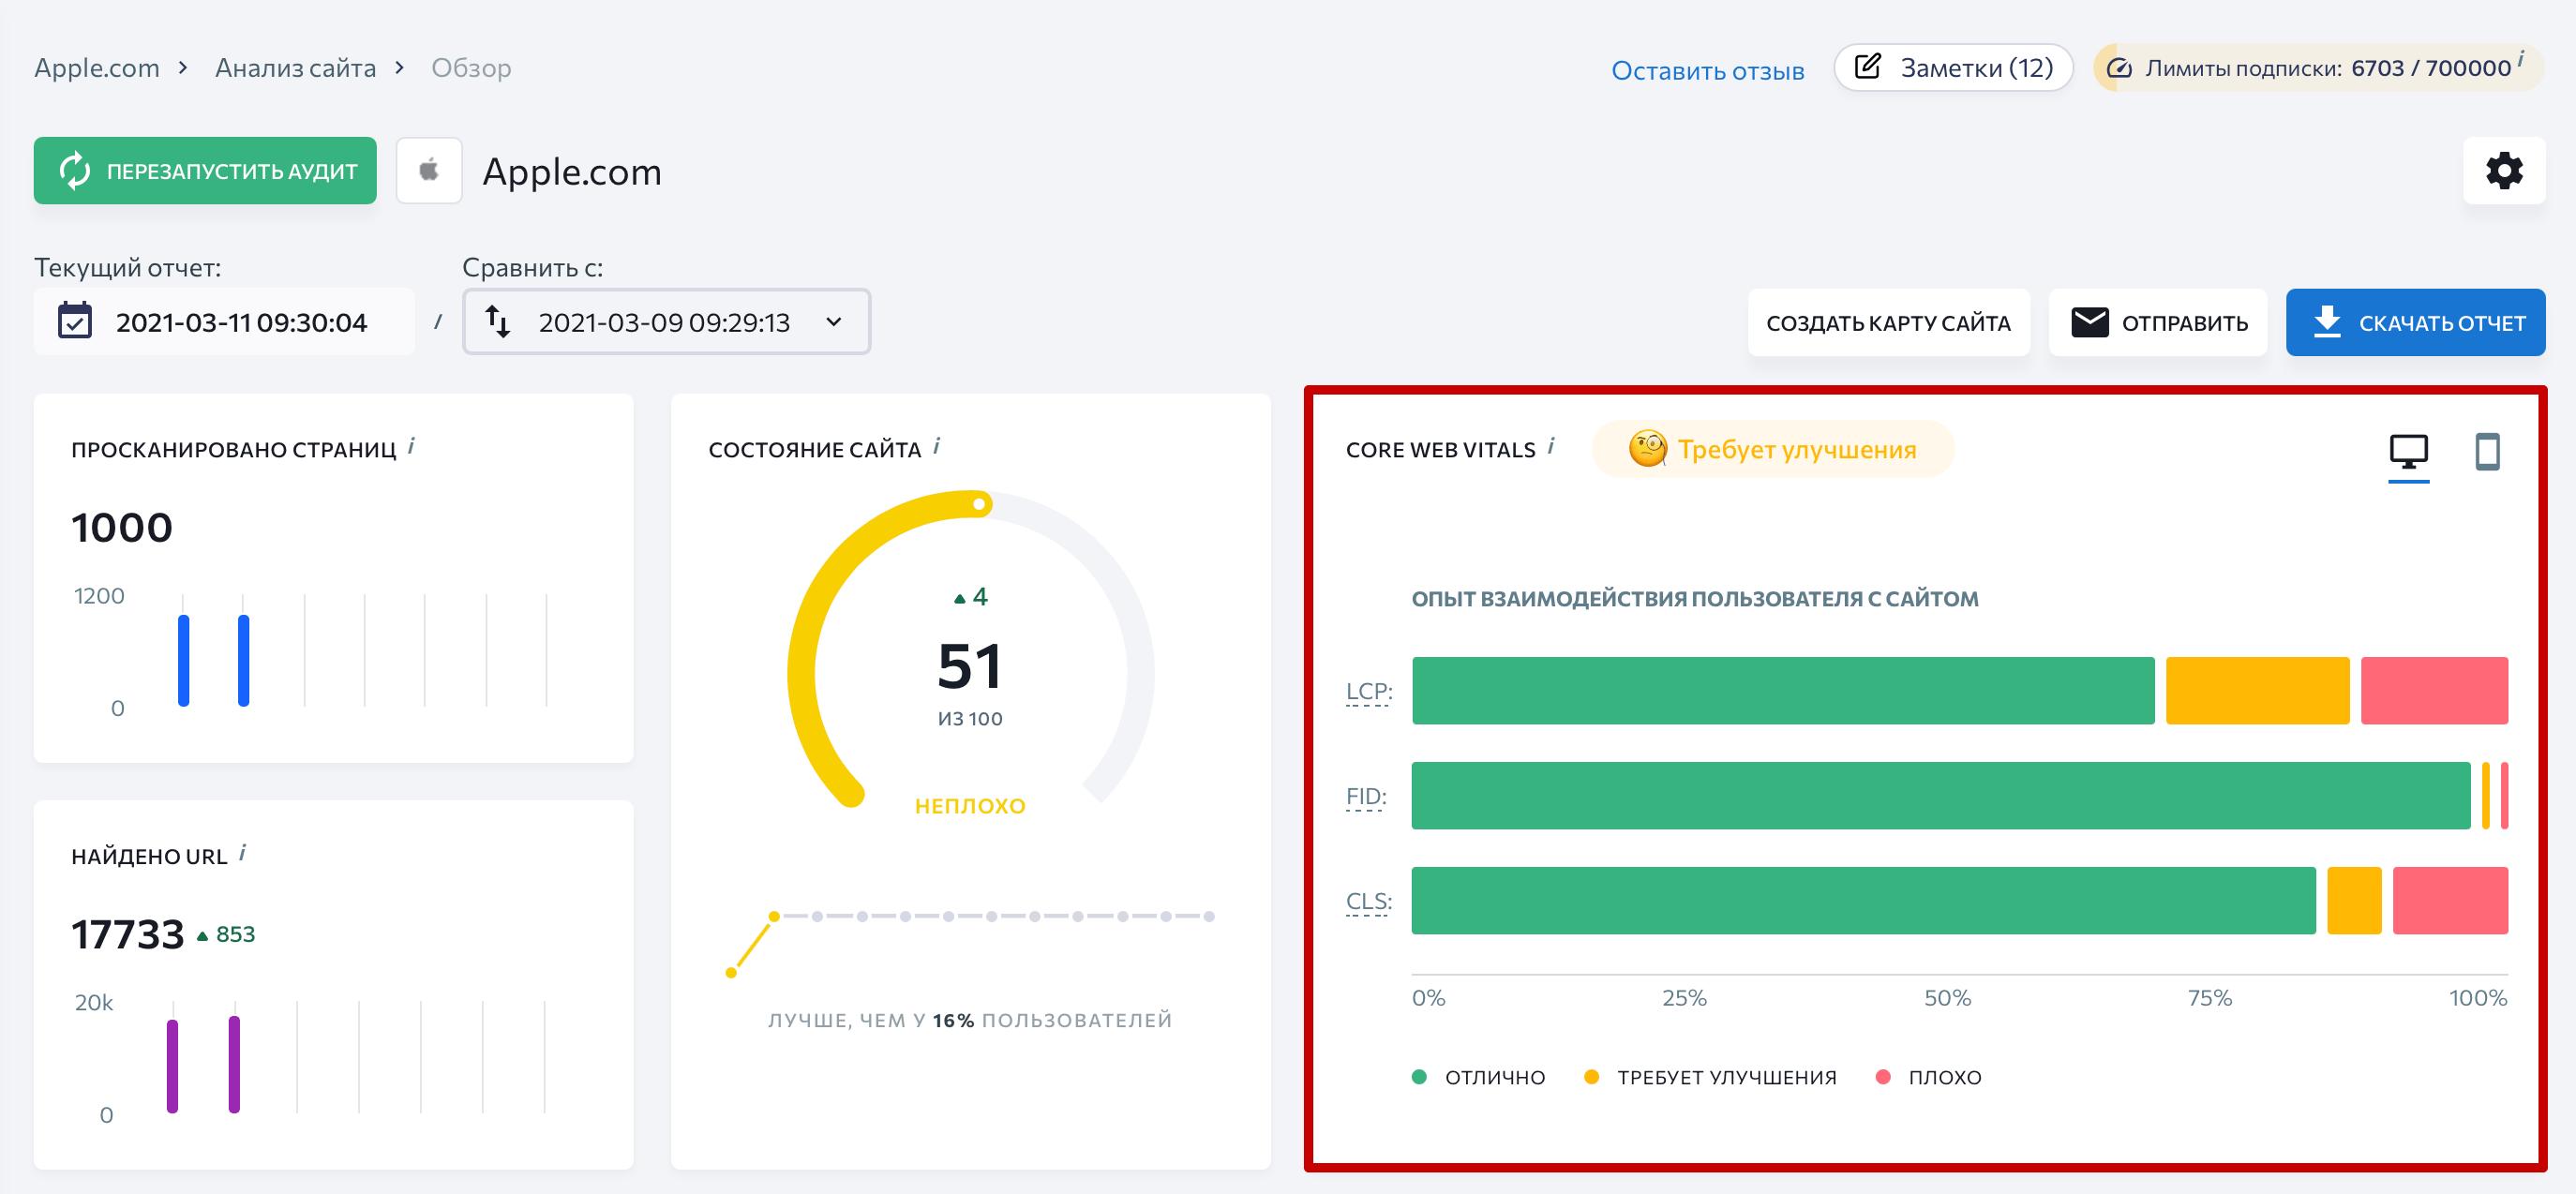 Core Web Vitals сайта в Анализе сайта